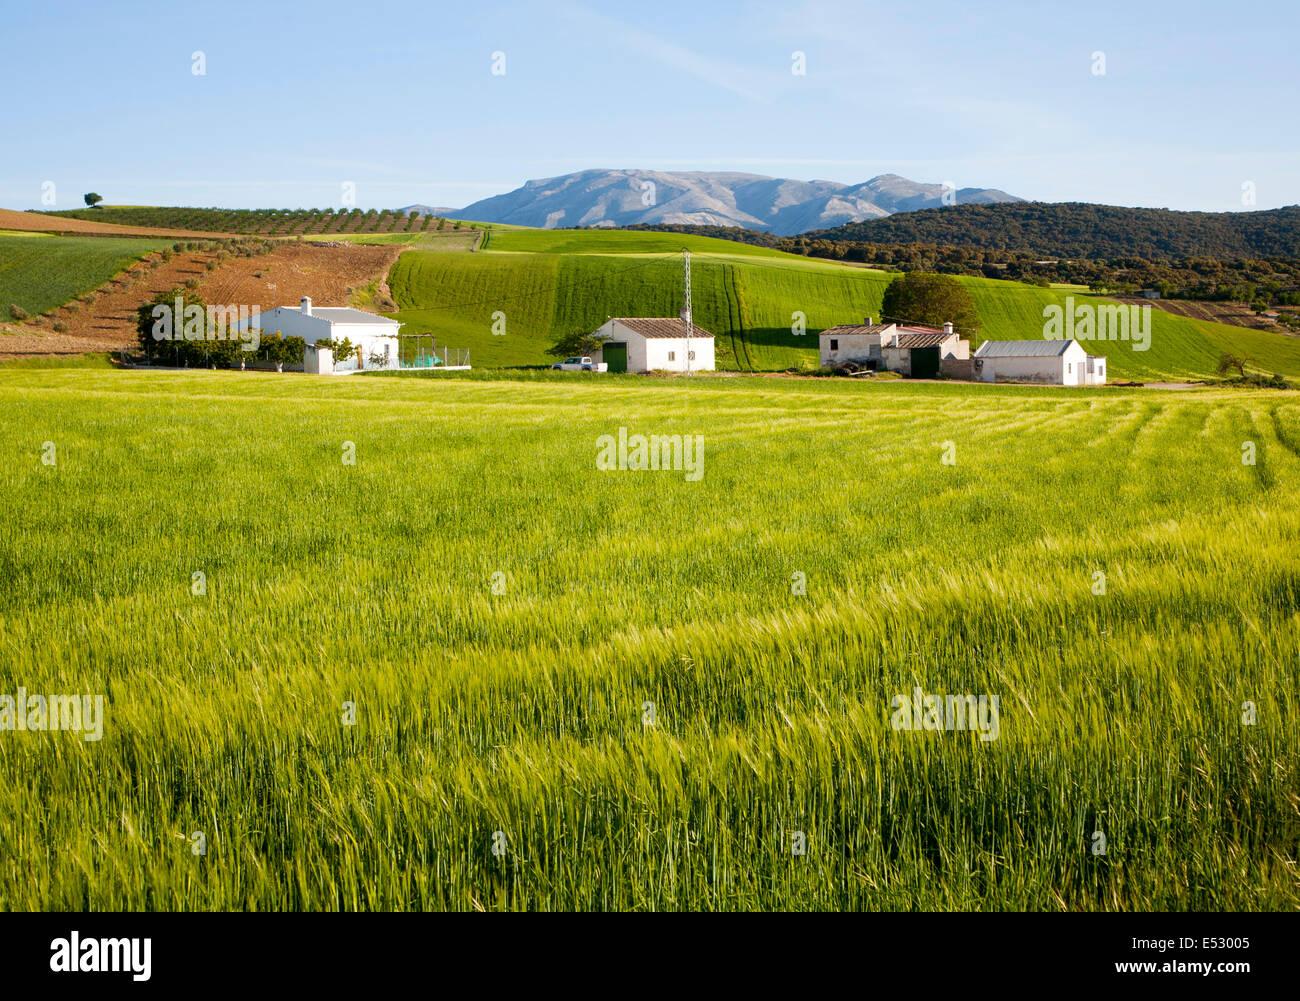 Alquería y graneros en campos de labranza de laminación de cosecha de la cebada verde cerca de Alhama Imagen De Stock